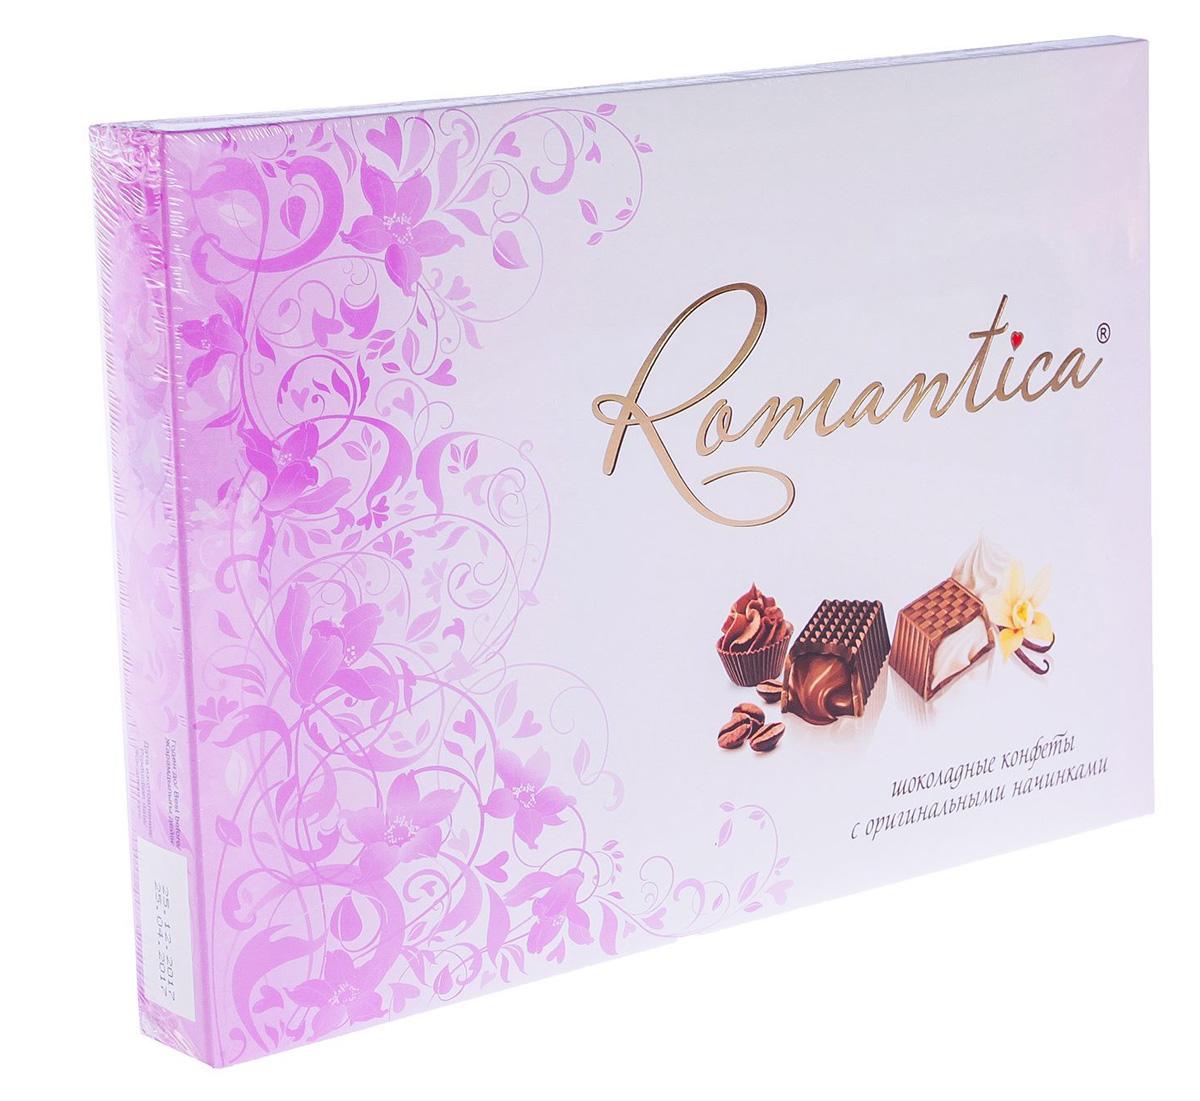 Славянка Romantica набор конфет (розовый), 160 г